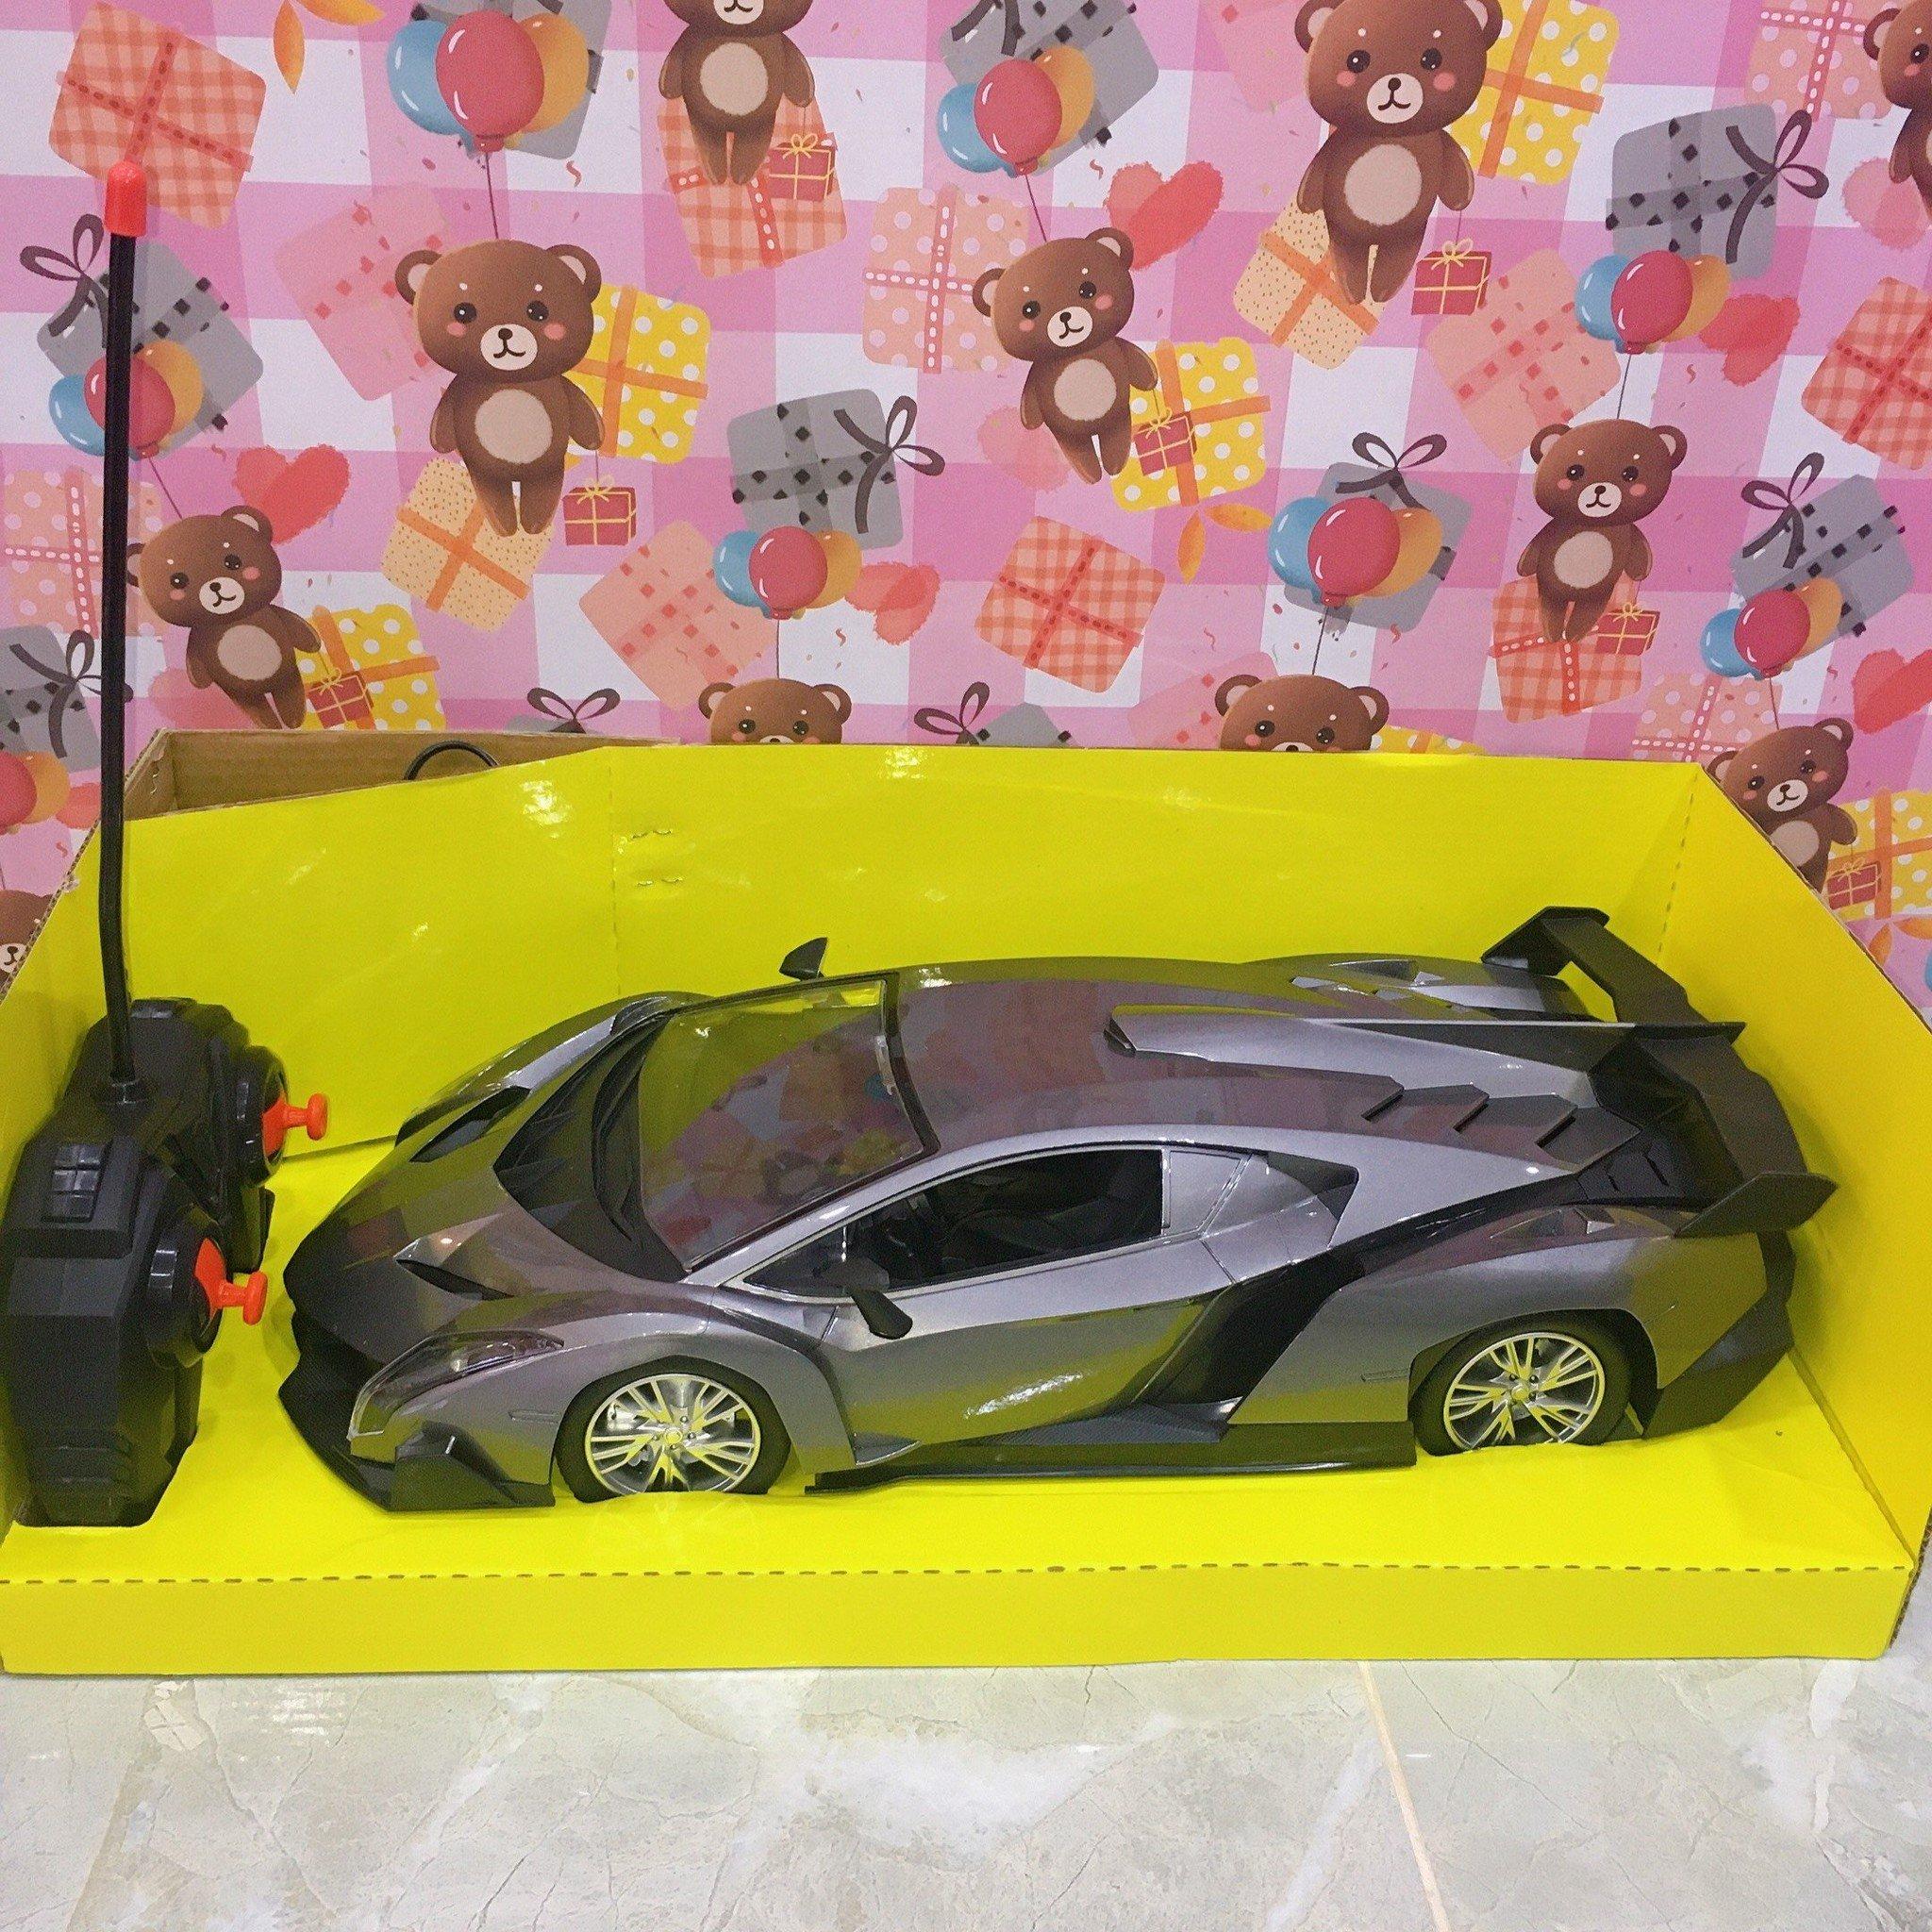 Hộp Xe Hơi Lamborghini Đk 7 Đ.Tác, Có Sạc Tl 1:12 (Emulation Car Model) 34-4, 34-6